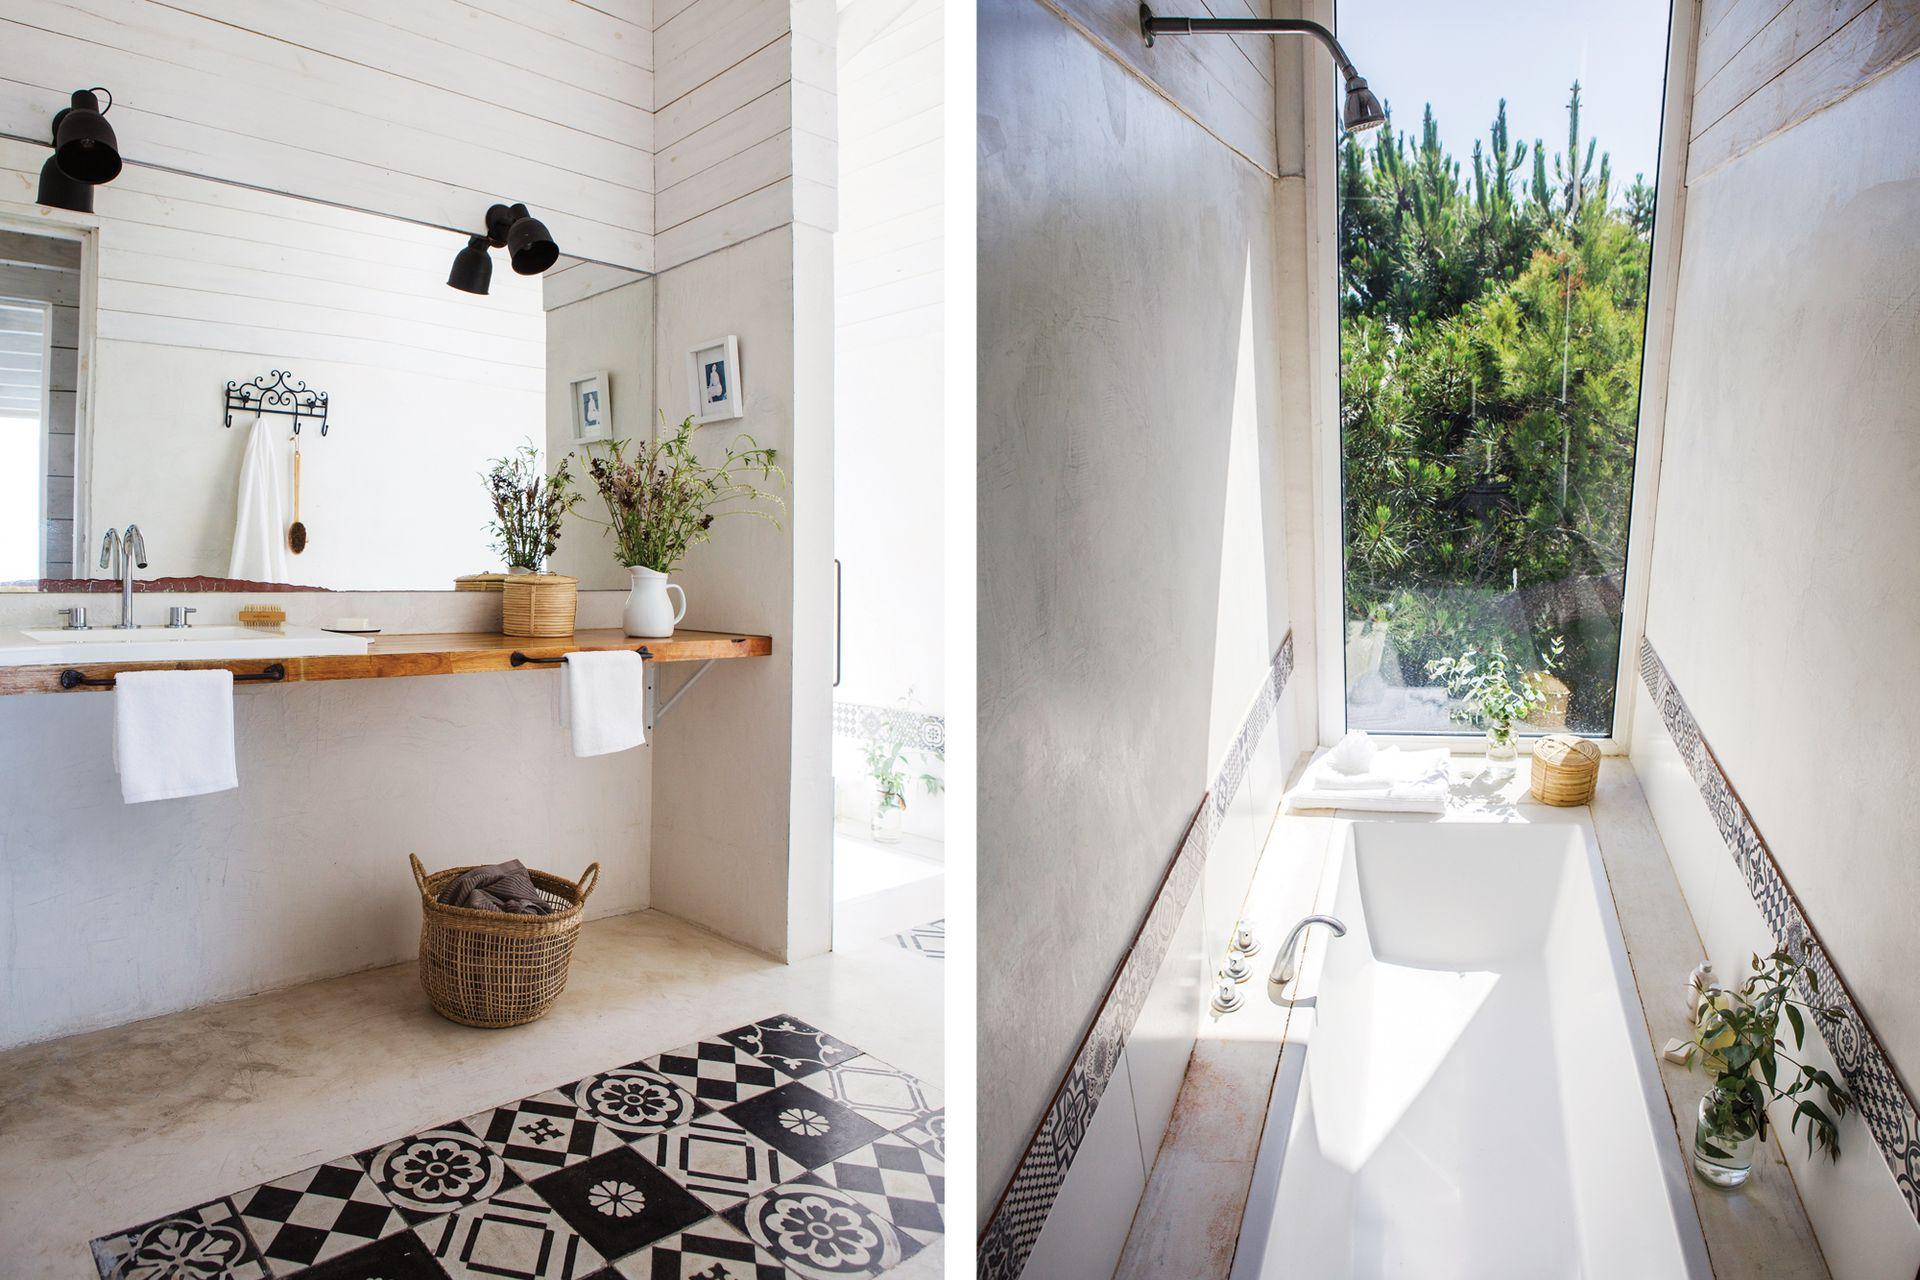 El piso del baño está sectorizado con los mismos calcáreos de la alzada de la cocina. Mesada de madera reconstituida con terminación de hidrolaca.